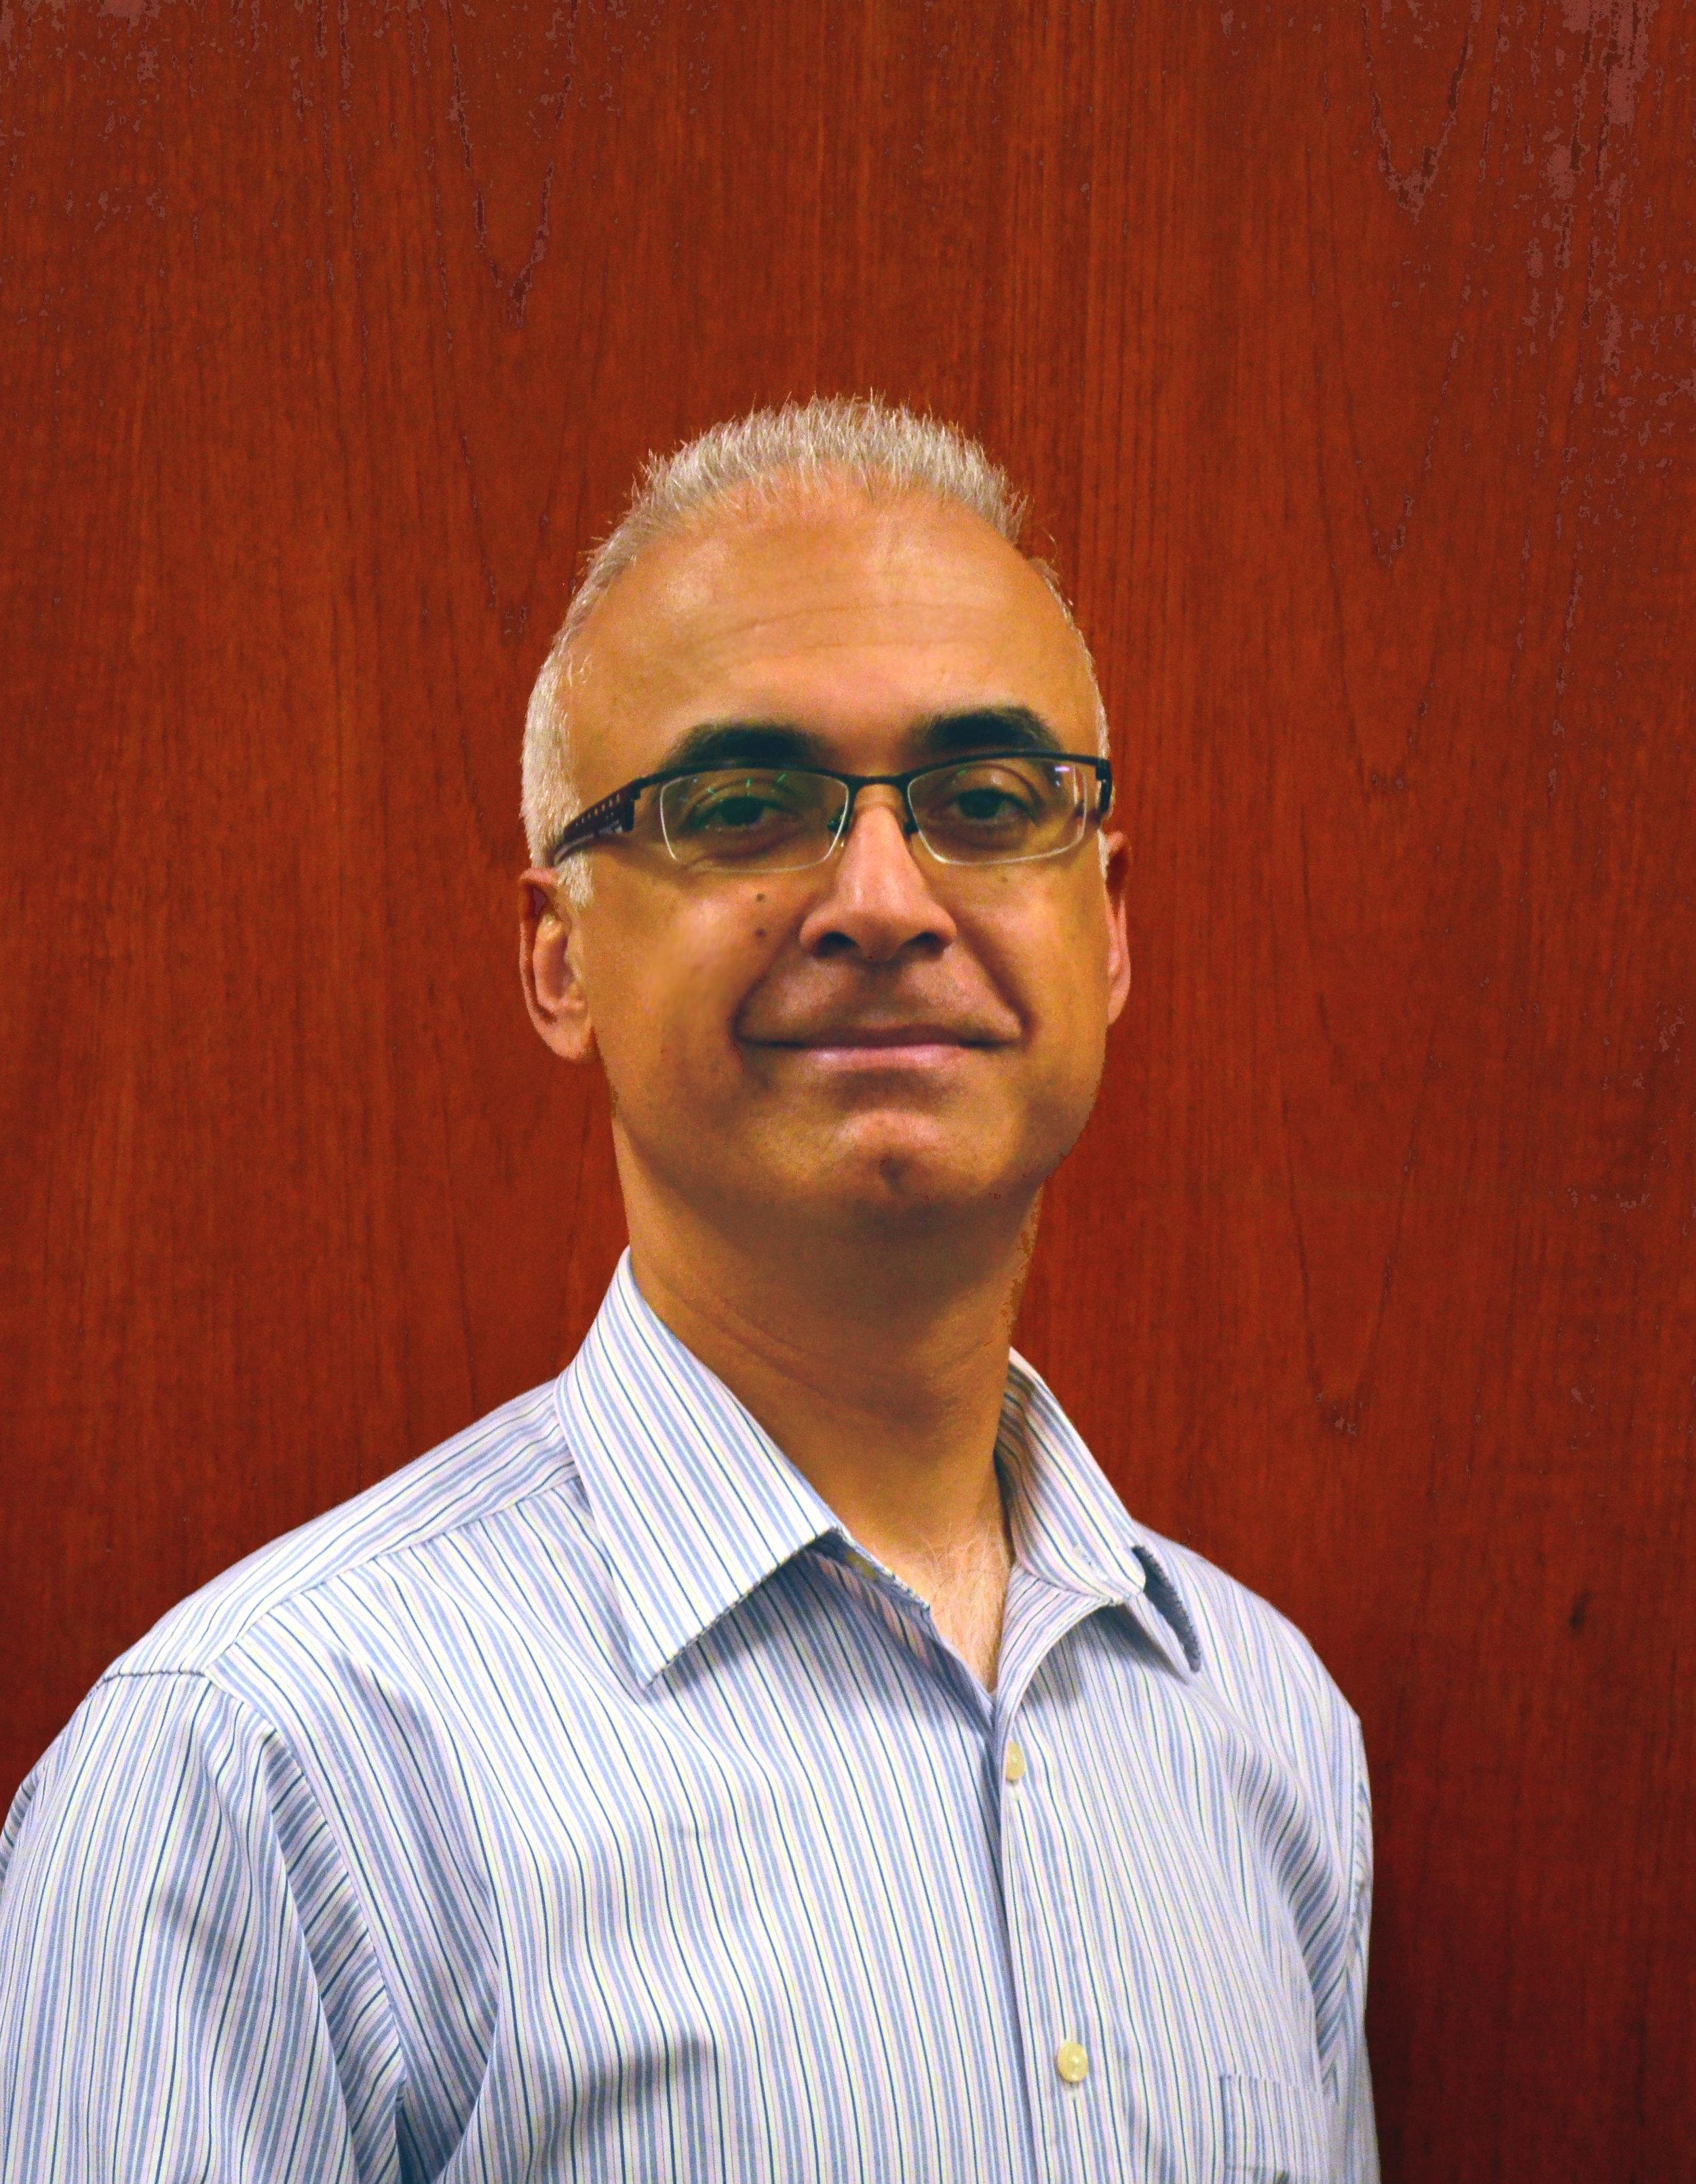 Dr. Ahsan Jaffar